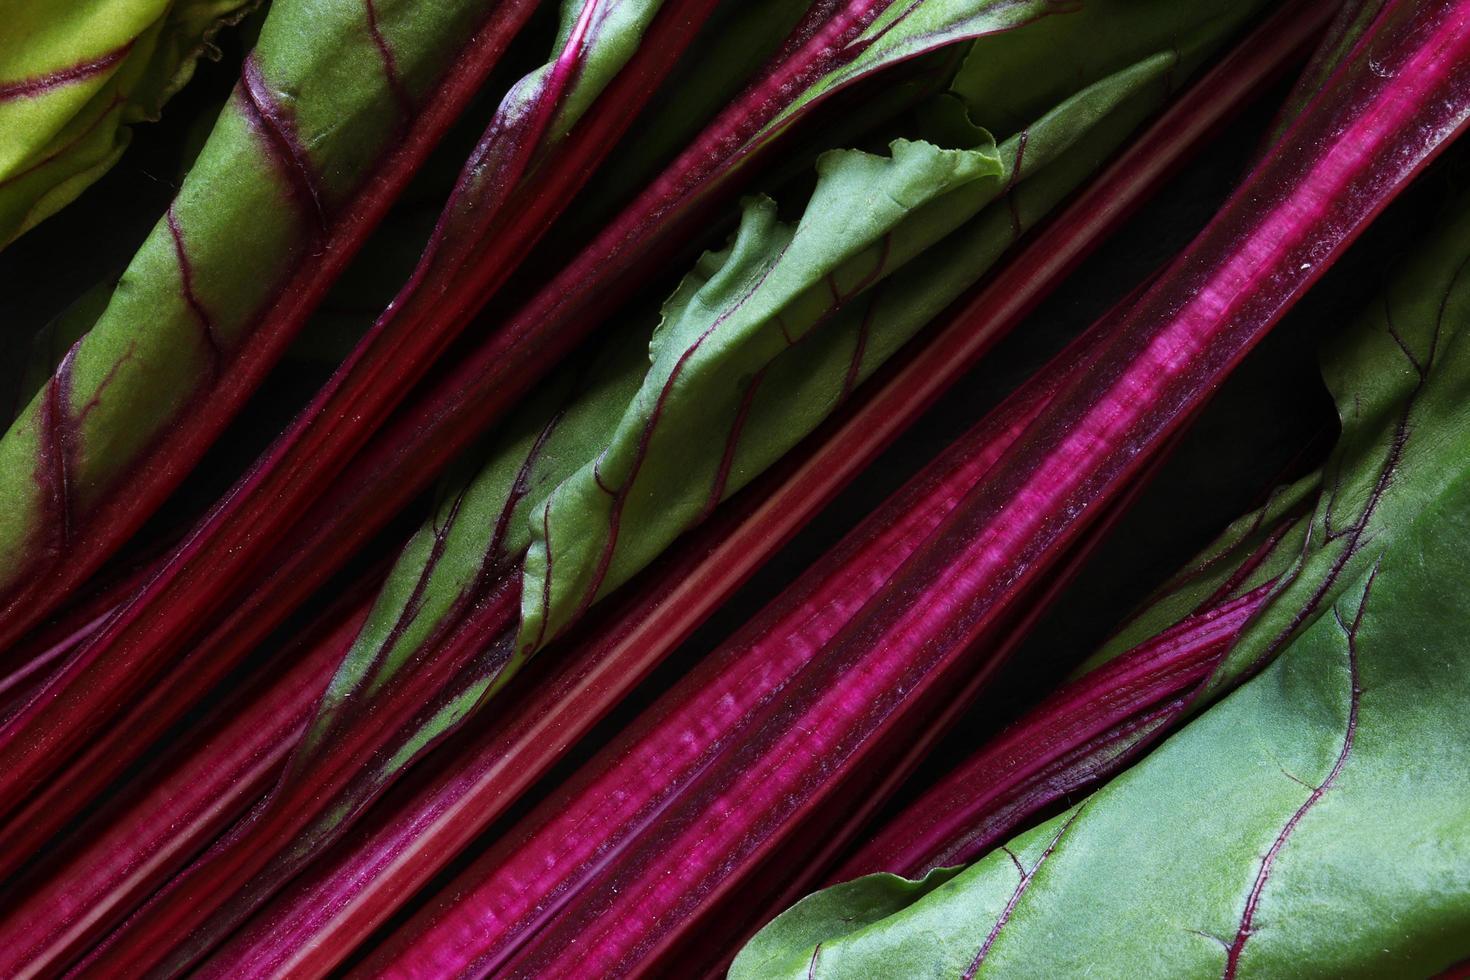 tige et feuilles de betterave photo